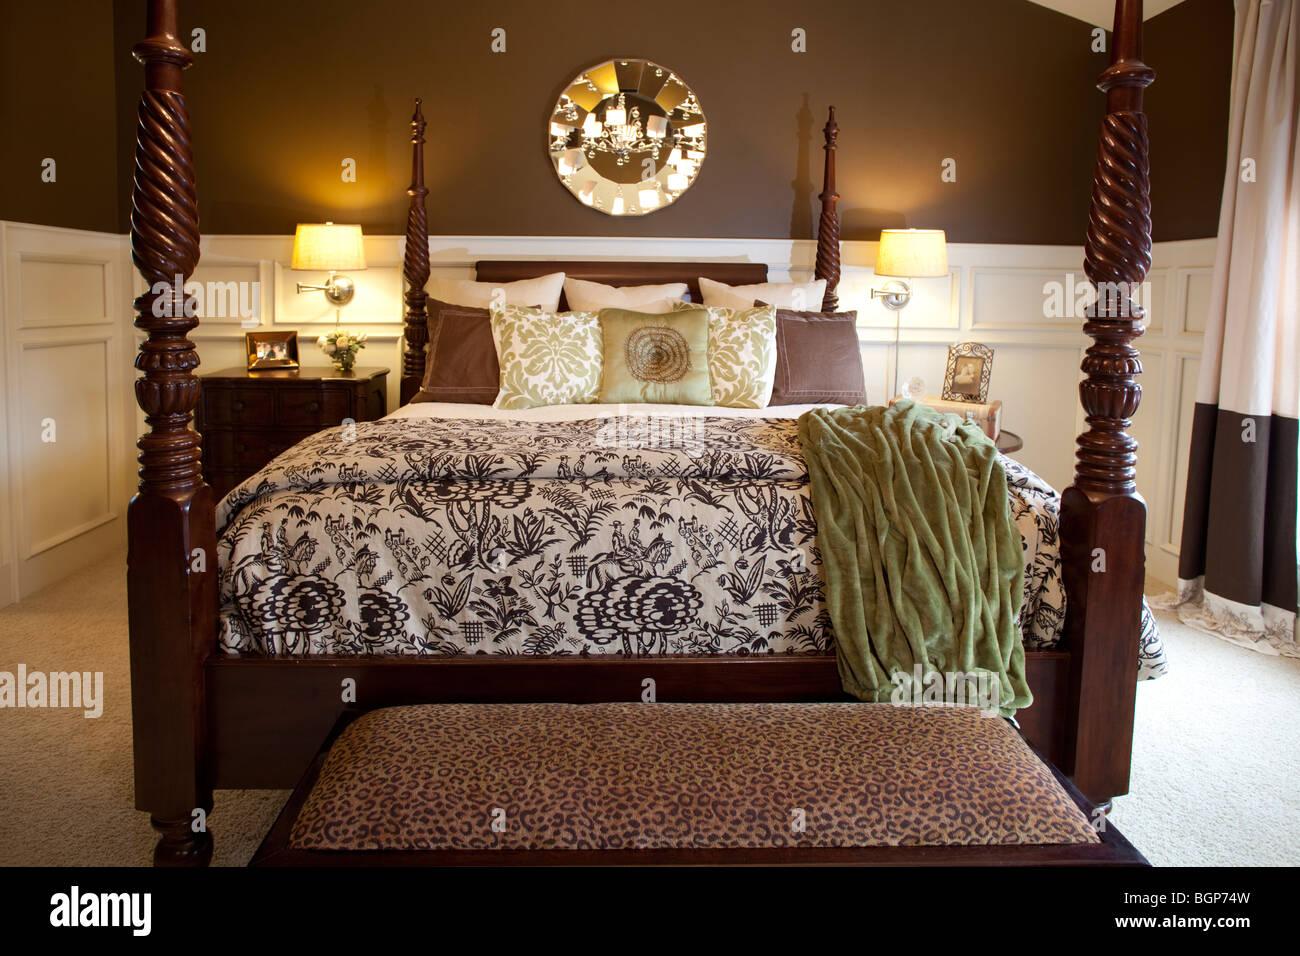 Himmelbett Kingsize Doppelbett Im Schlafzimmer In Eleganten Warmen